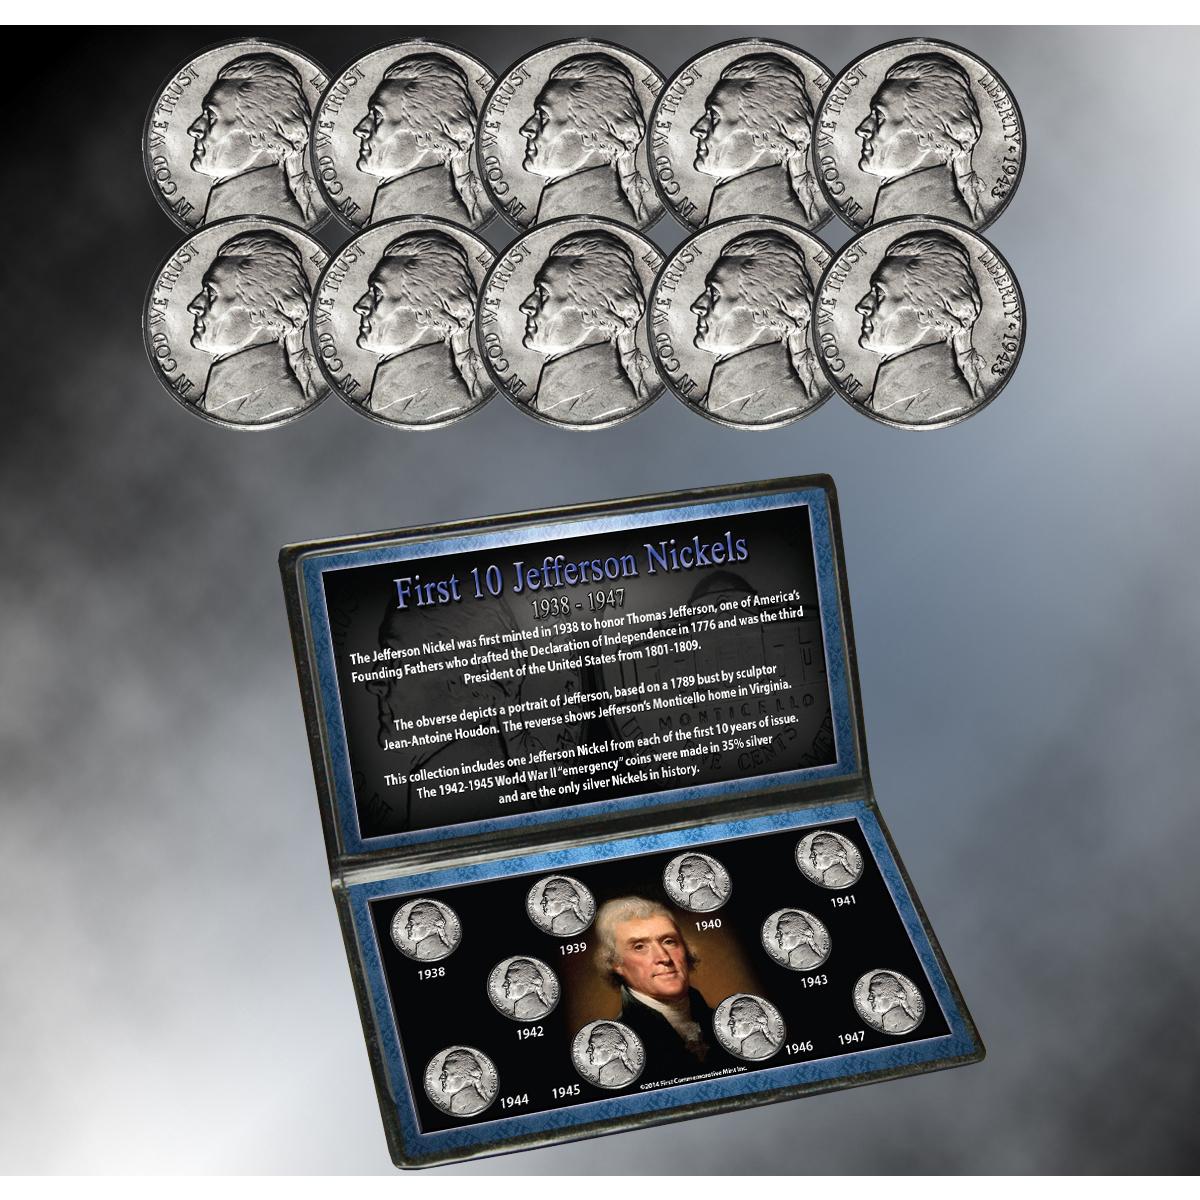 First 10 Jefferson Nickels